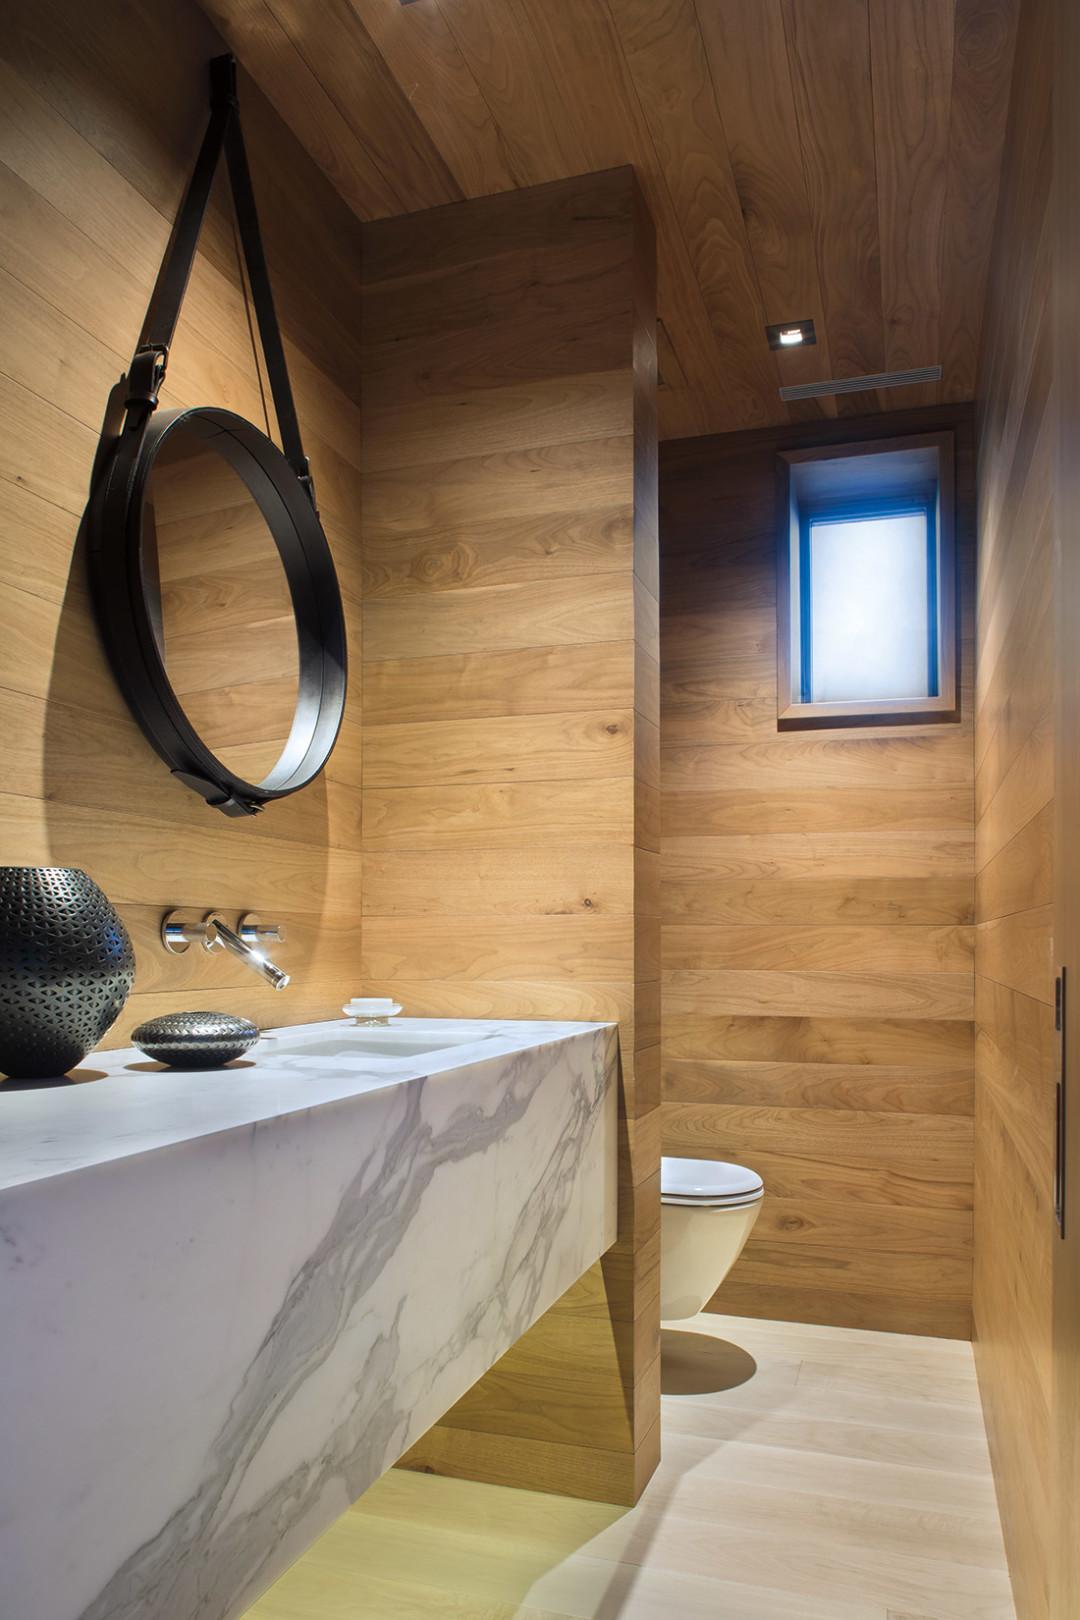 0215 redesign bathroom 2 lddzu7